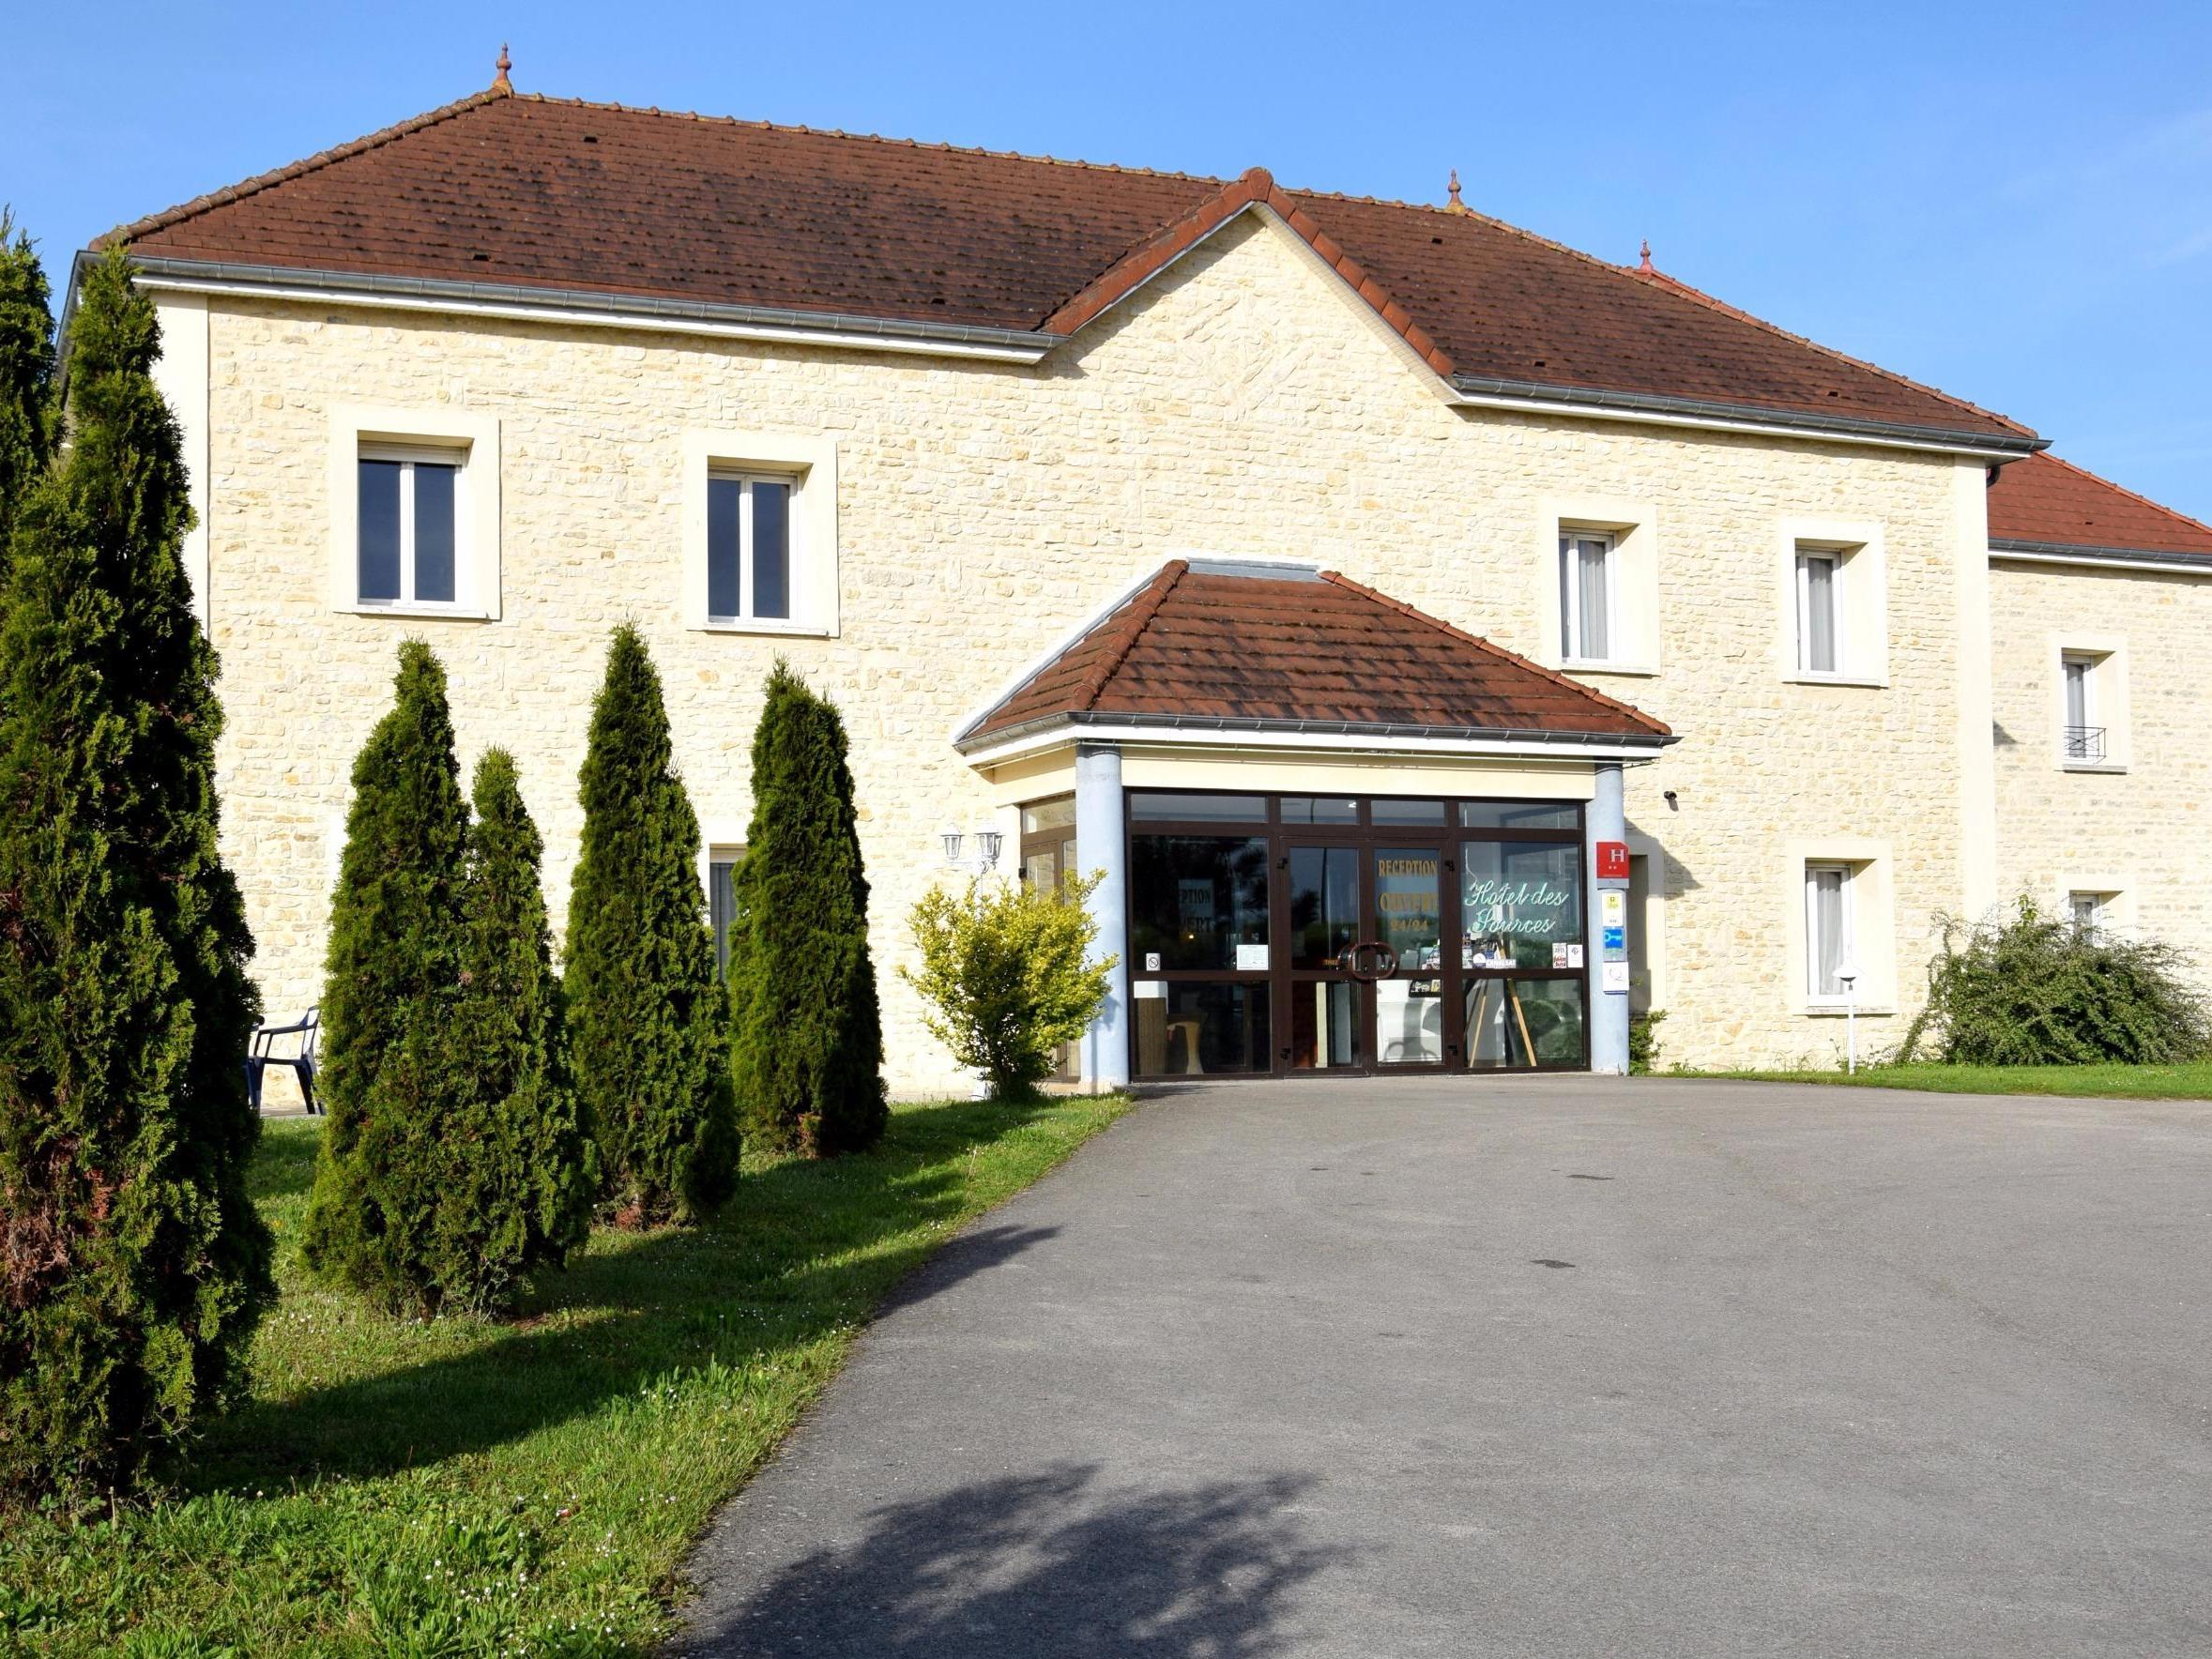 Hotel Des Sources Logis CRENEY PRES TROYES Aufenthalt Champagne Ardennen